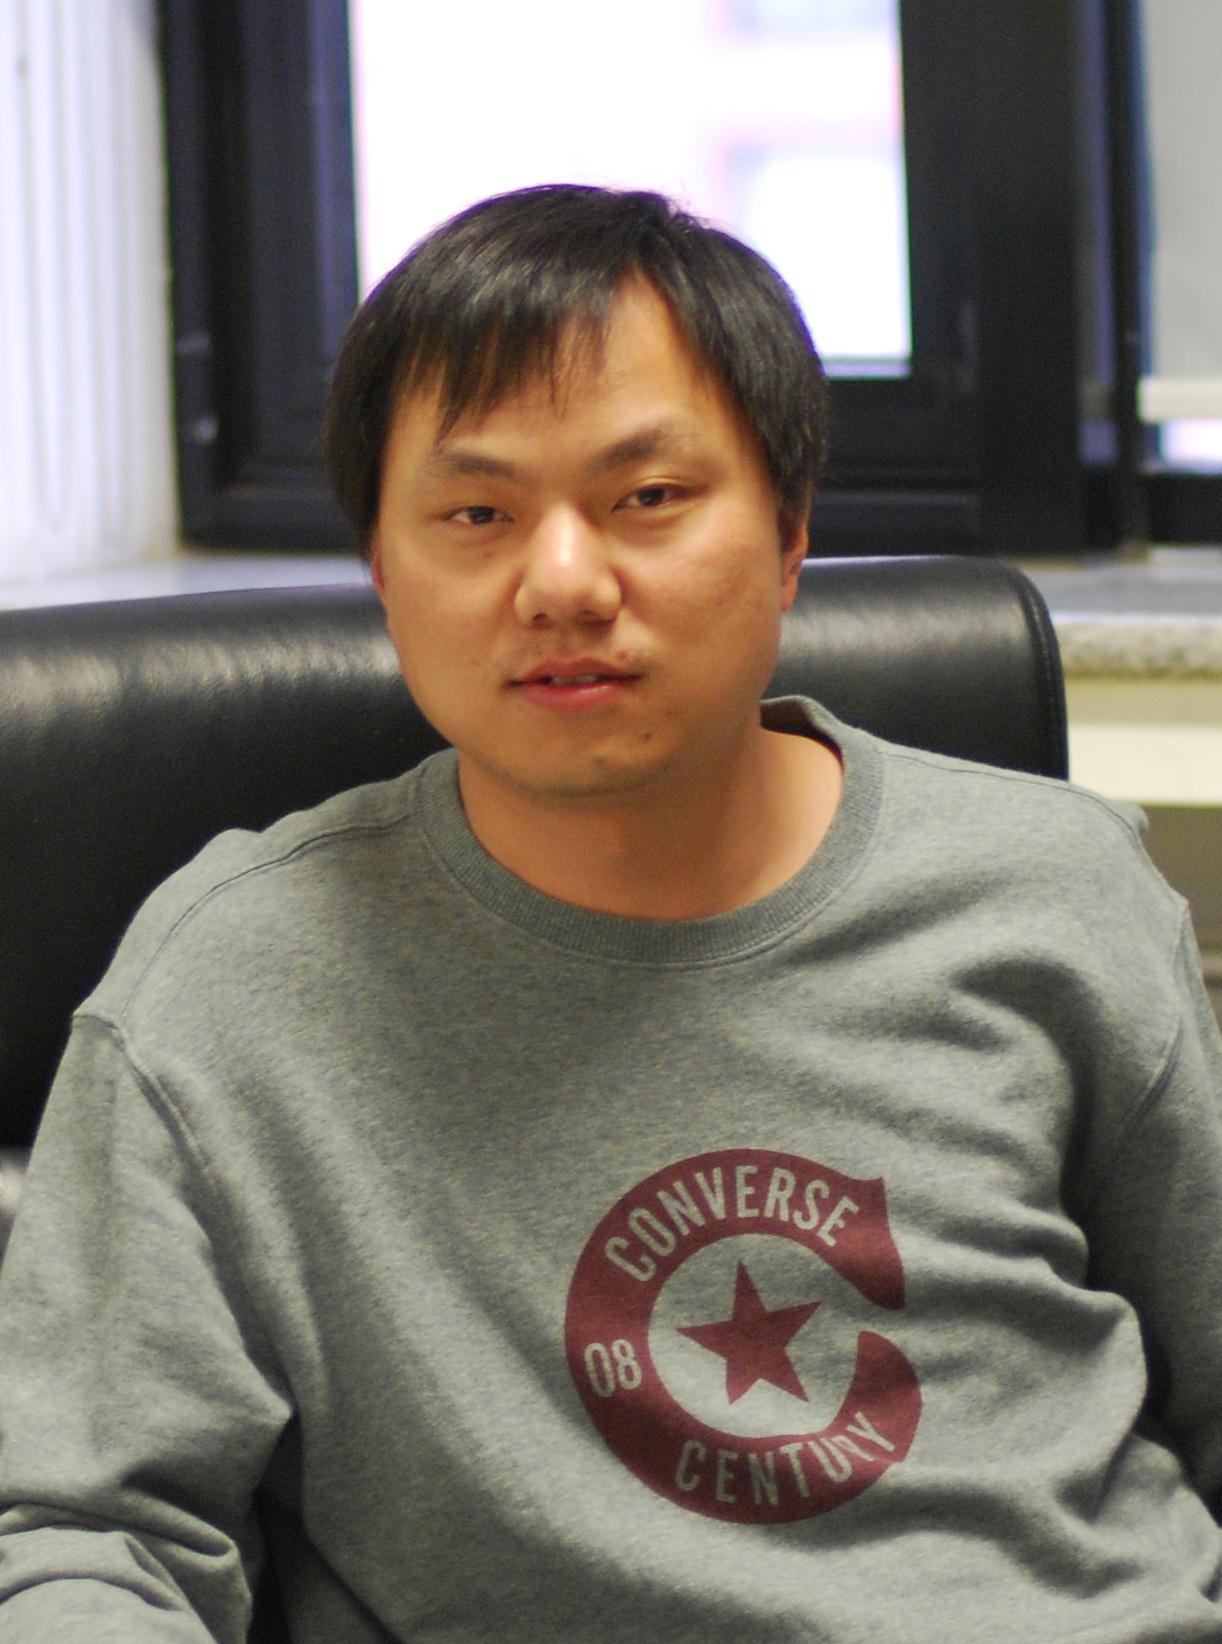 高宁,北京大学生命科学学院教授、副院长、膜生物学国家重点实验室副主任。主要运用冷冻电镜技术研究多种与重大生命过程相关的核酸蛋白质复合物的结构和功能,近年来聚焦于核糖体组装和DNA复制等分子过程。近期工作阐释了核糖体在细胞内组装的分子途径、组装因子的功能及机制、新型核糖体结合因子调控蛋白质合成的多种工作模式。获得了长江学者特聘教授及国家杰出青年科学基金的资助,以及谈家桢生命科学奖、中源协和生命医学创新突破奖、药明康德生命化学奖、茅以升北京青年科技奖等奖励。